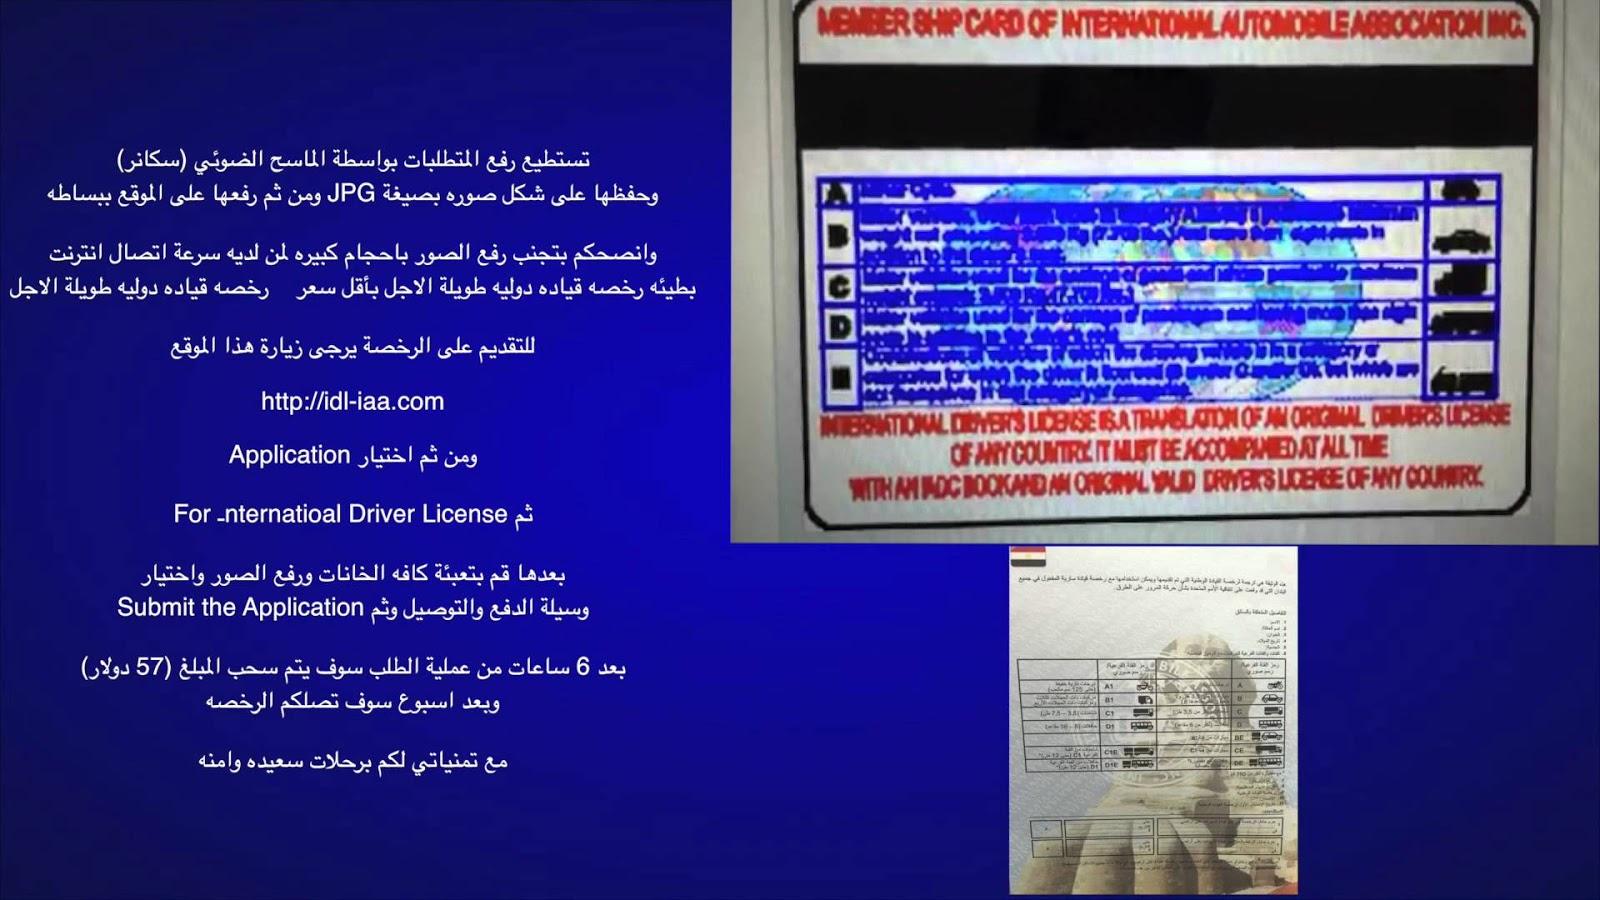 استخراج رخصة قيادة - Arabic News Collections